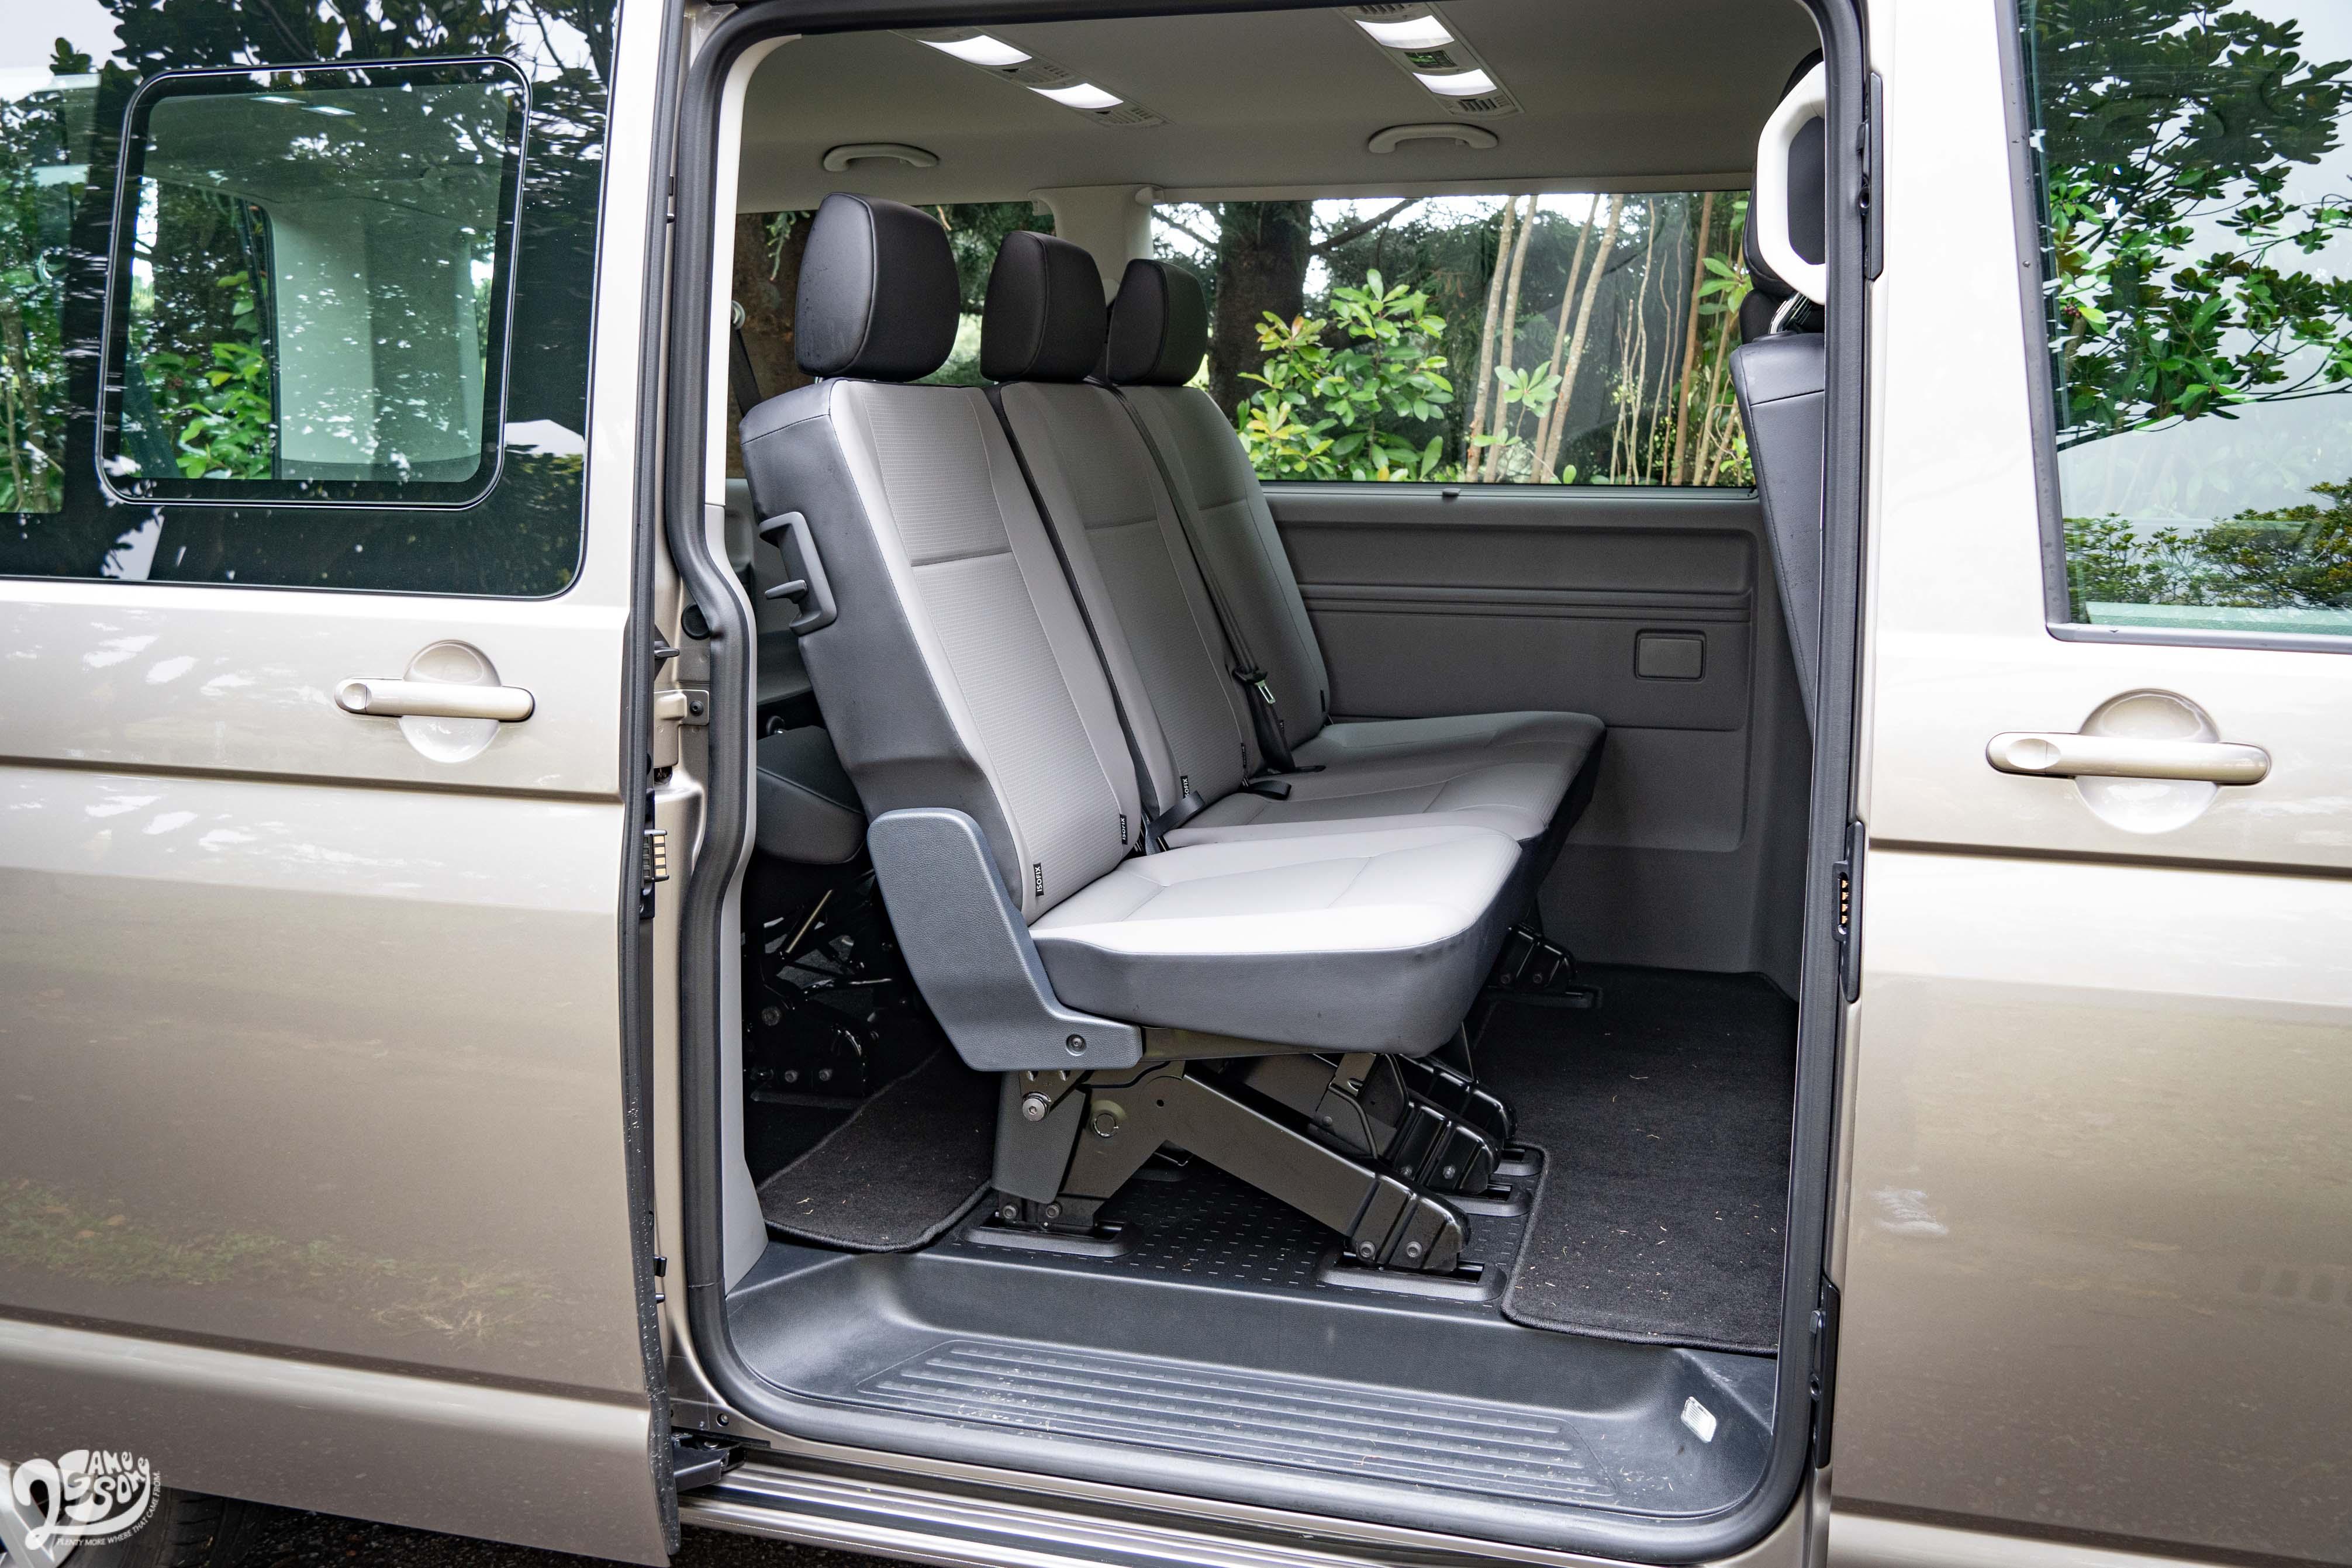 長軸版比短軸版多出 40 公分,讓第二排腿部空間極為充裕。另可選配左側滑門。